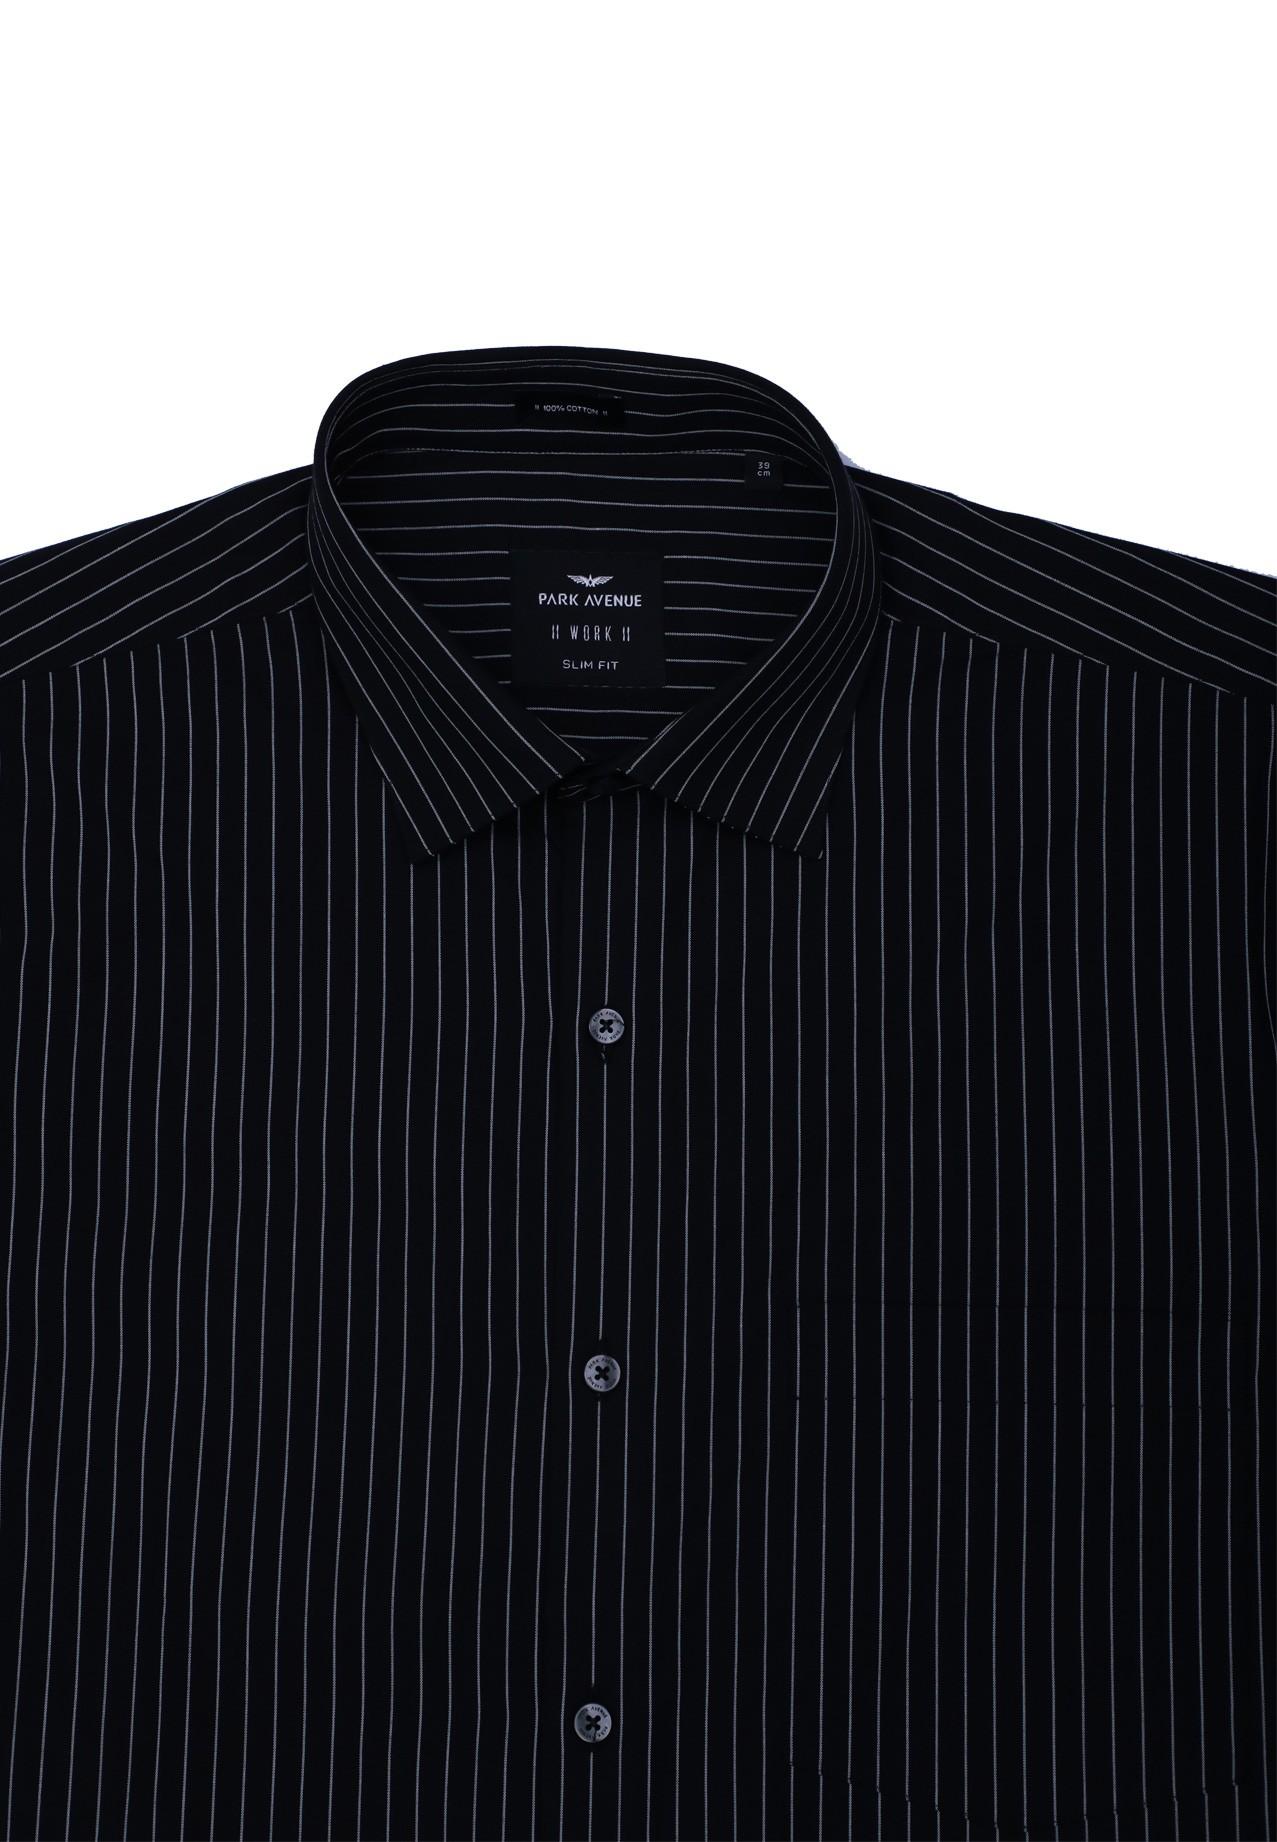 Park Avenue PMSX12282-K8 Mens Shirt, Size 44